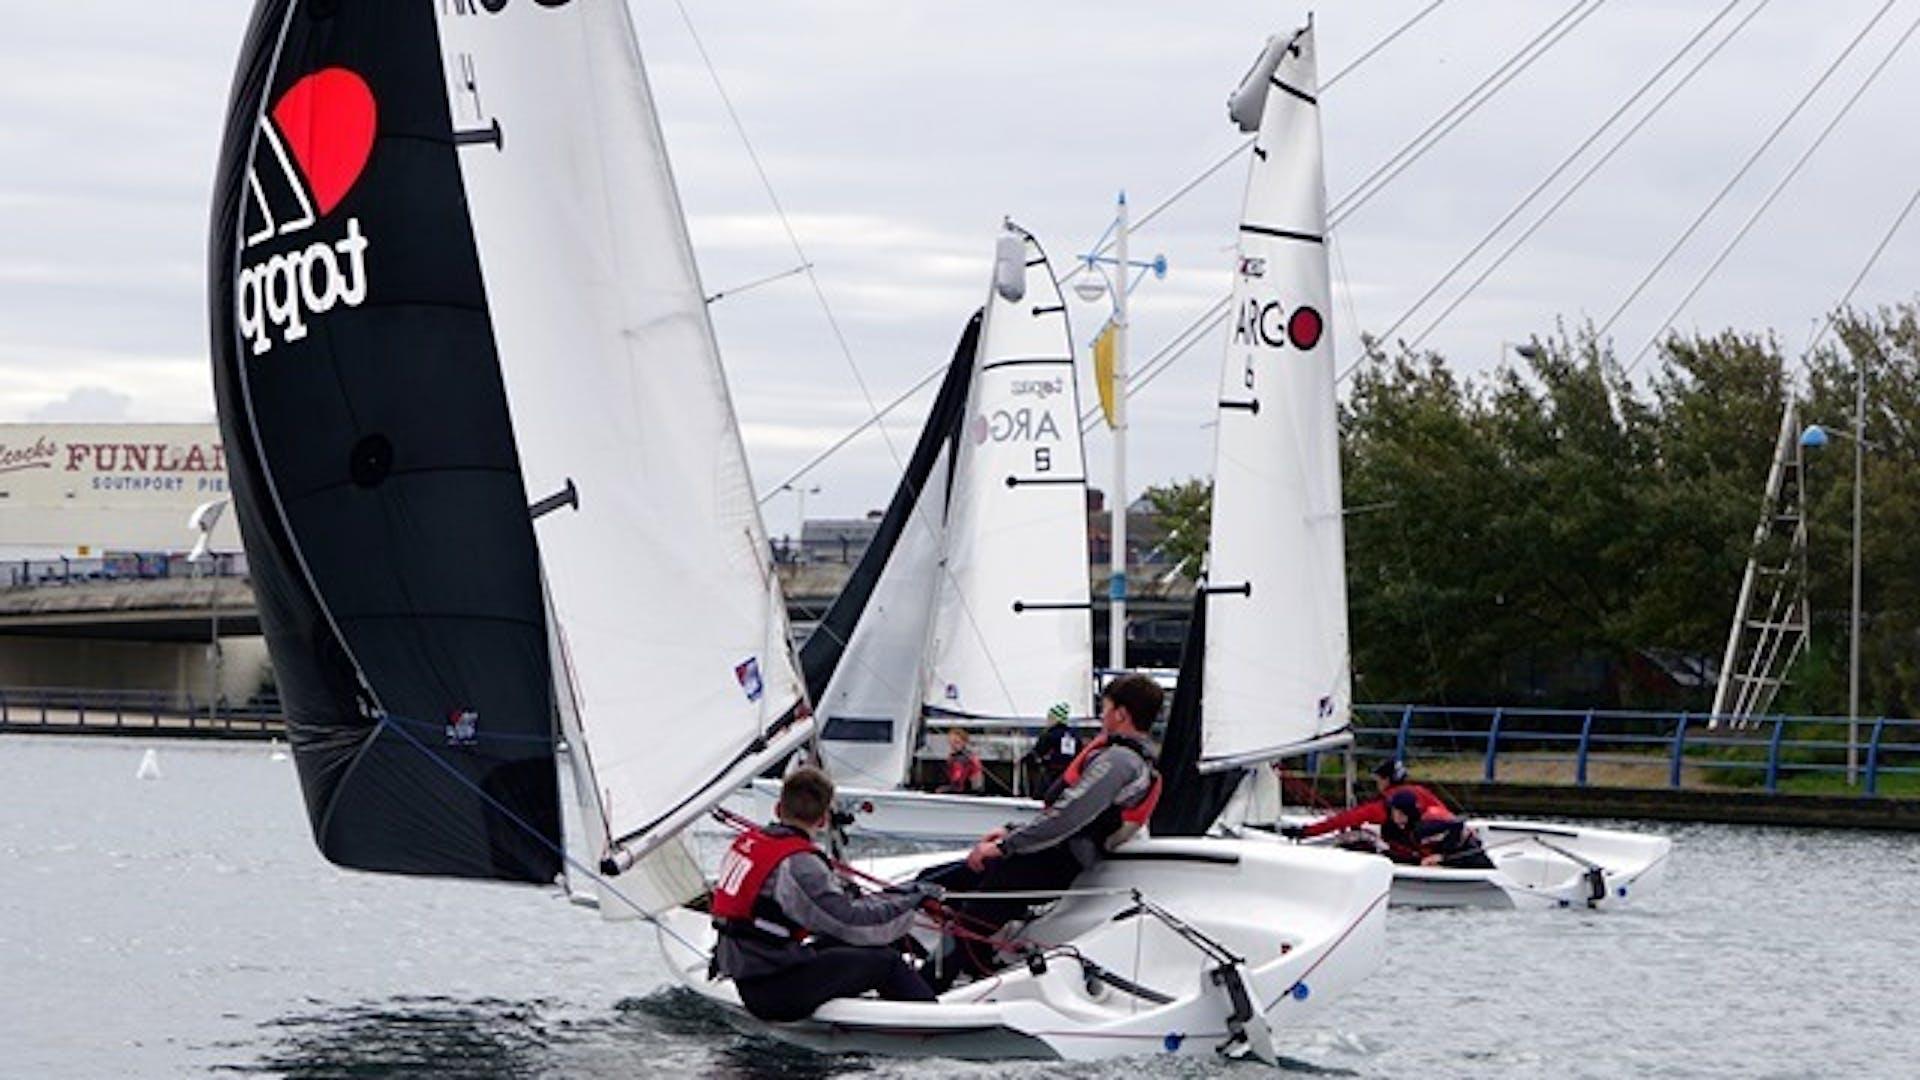 CCF regatta race action small 1